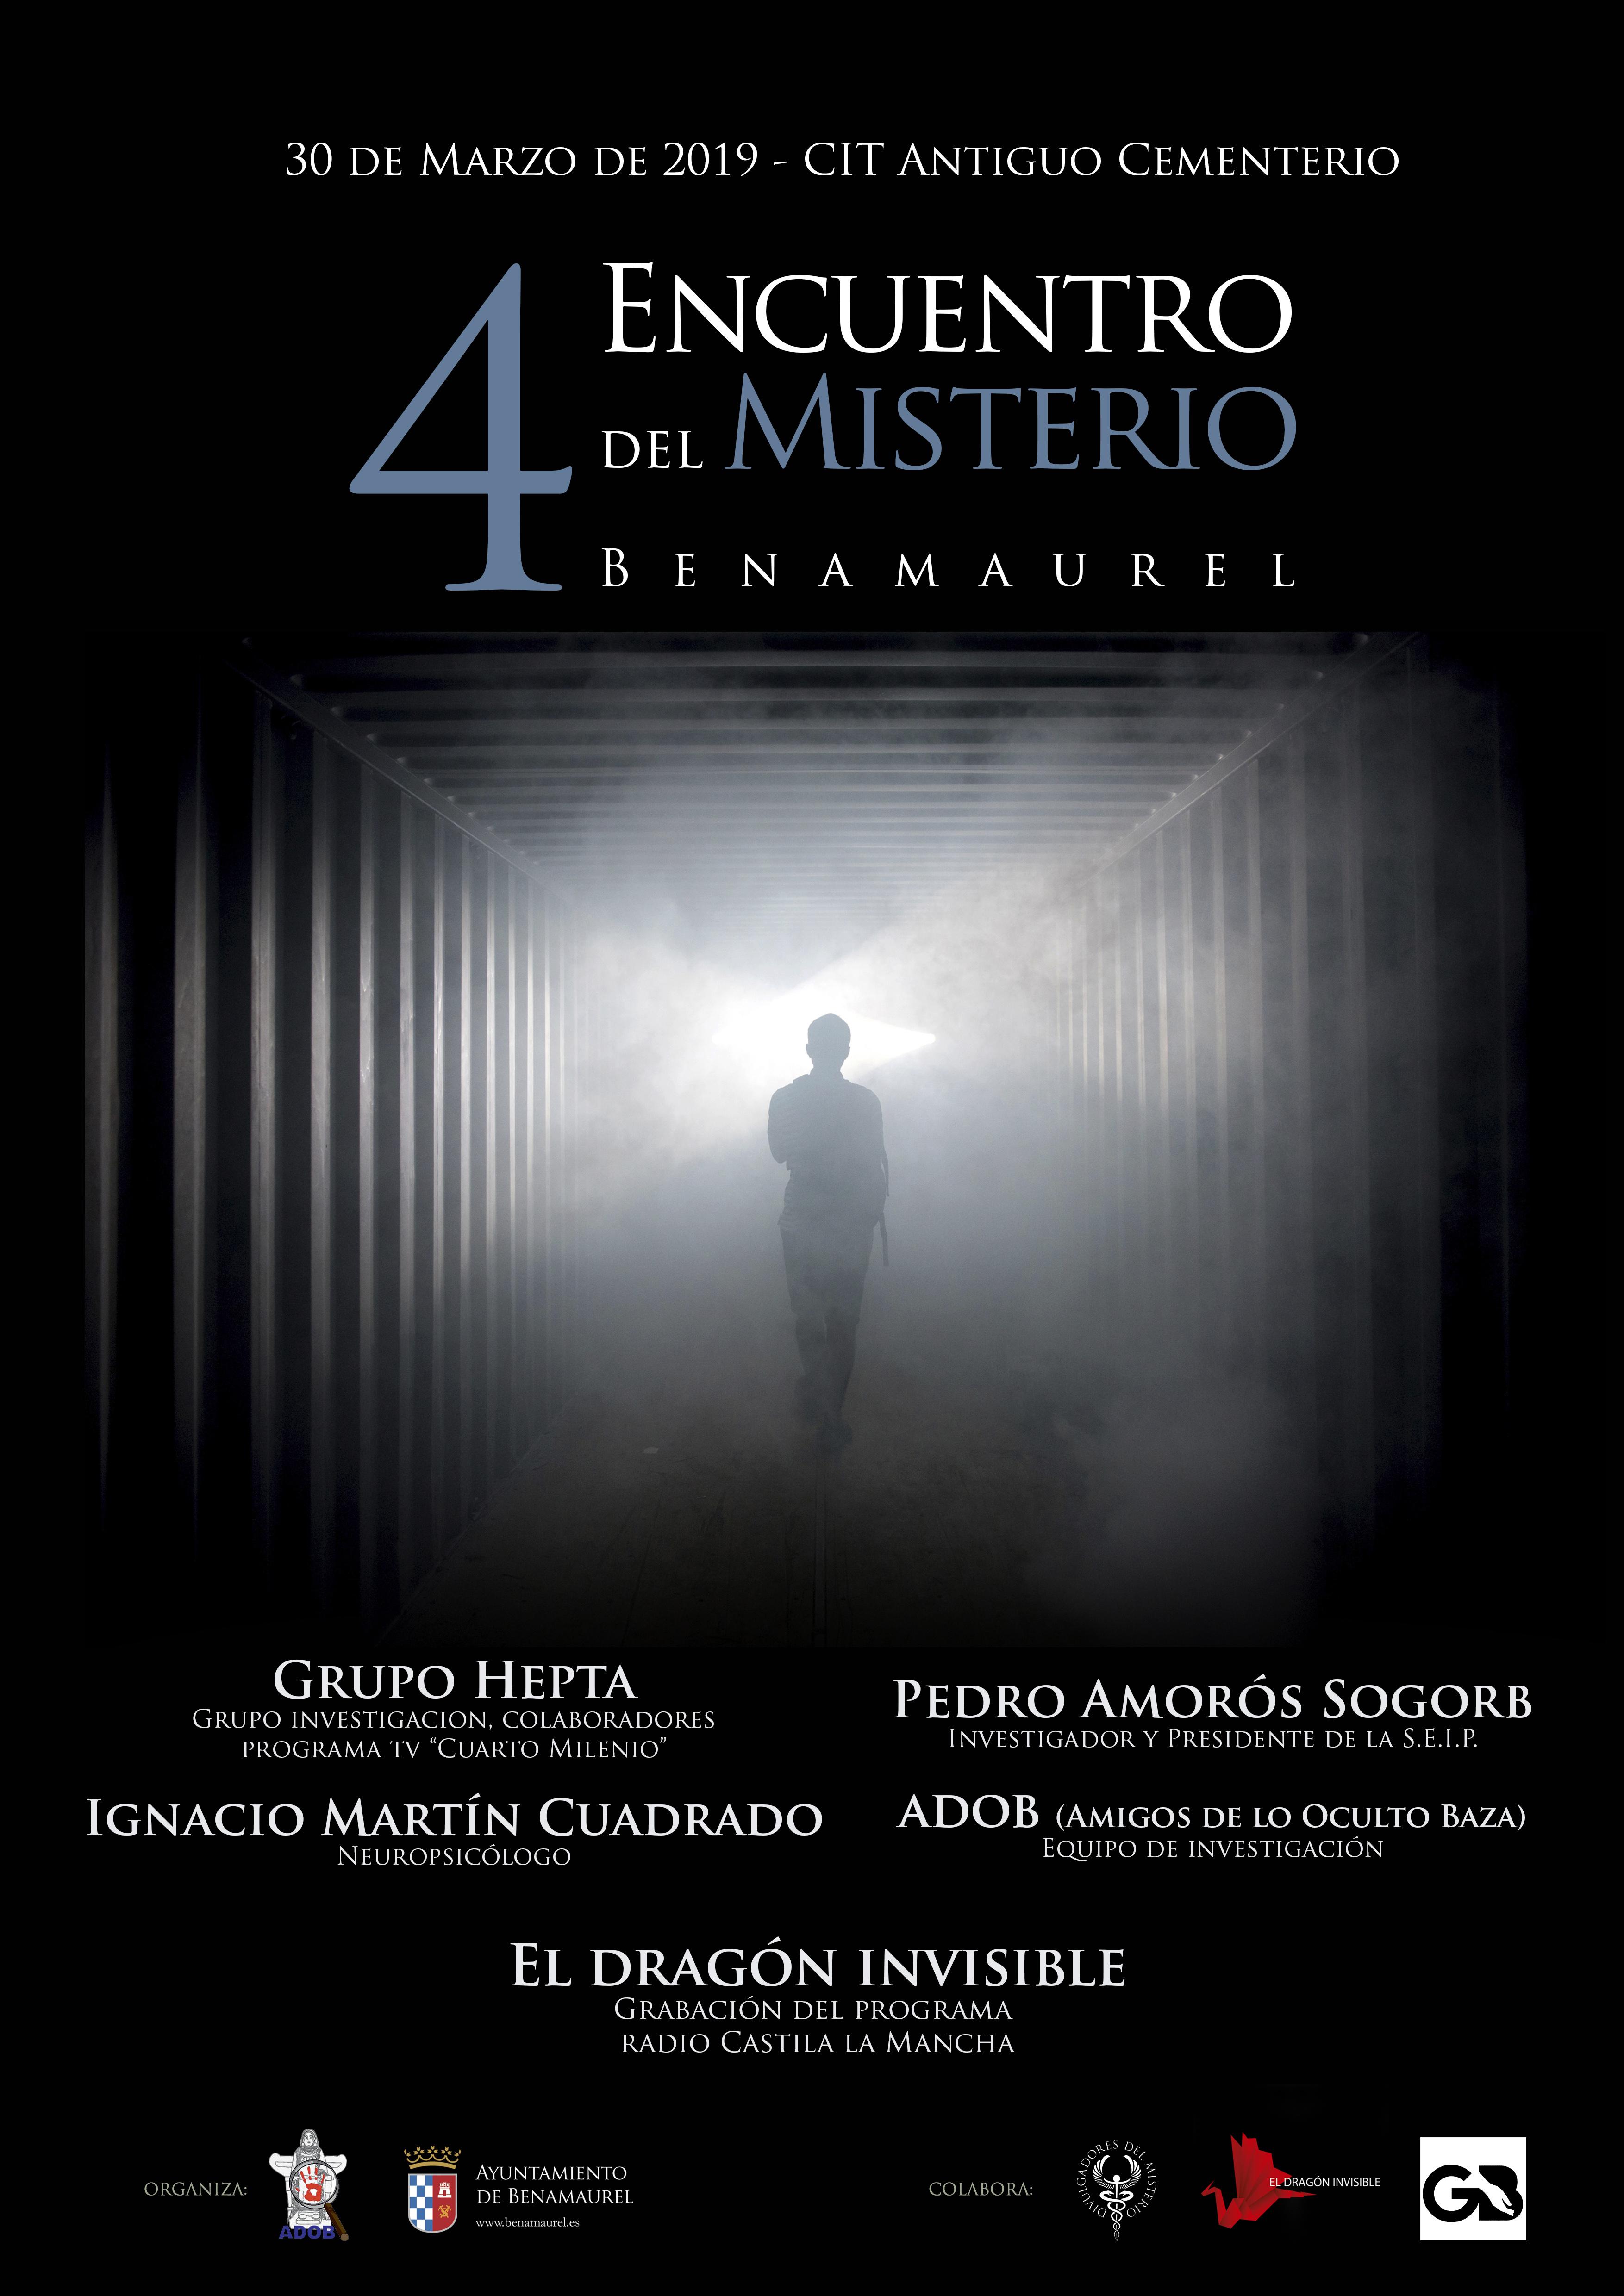 Jornada del Misterio en Benamaurel | Ayuntamiento de Benamaurel